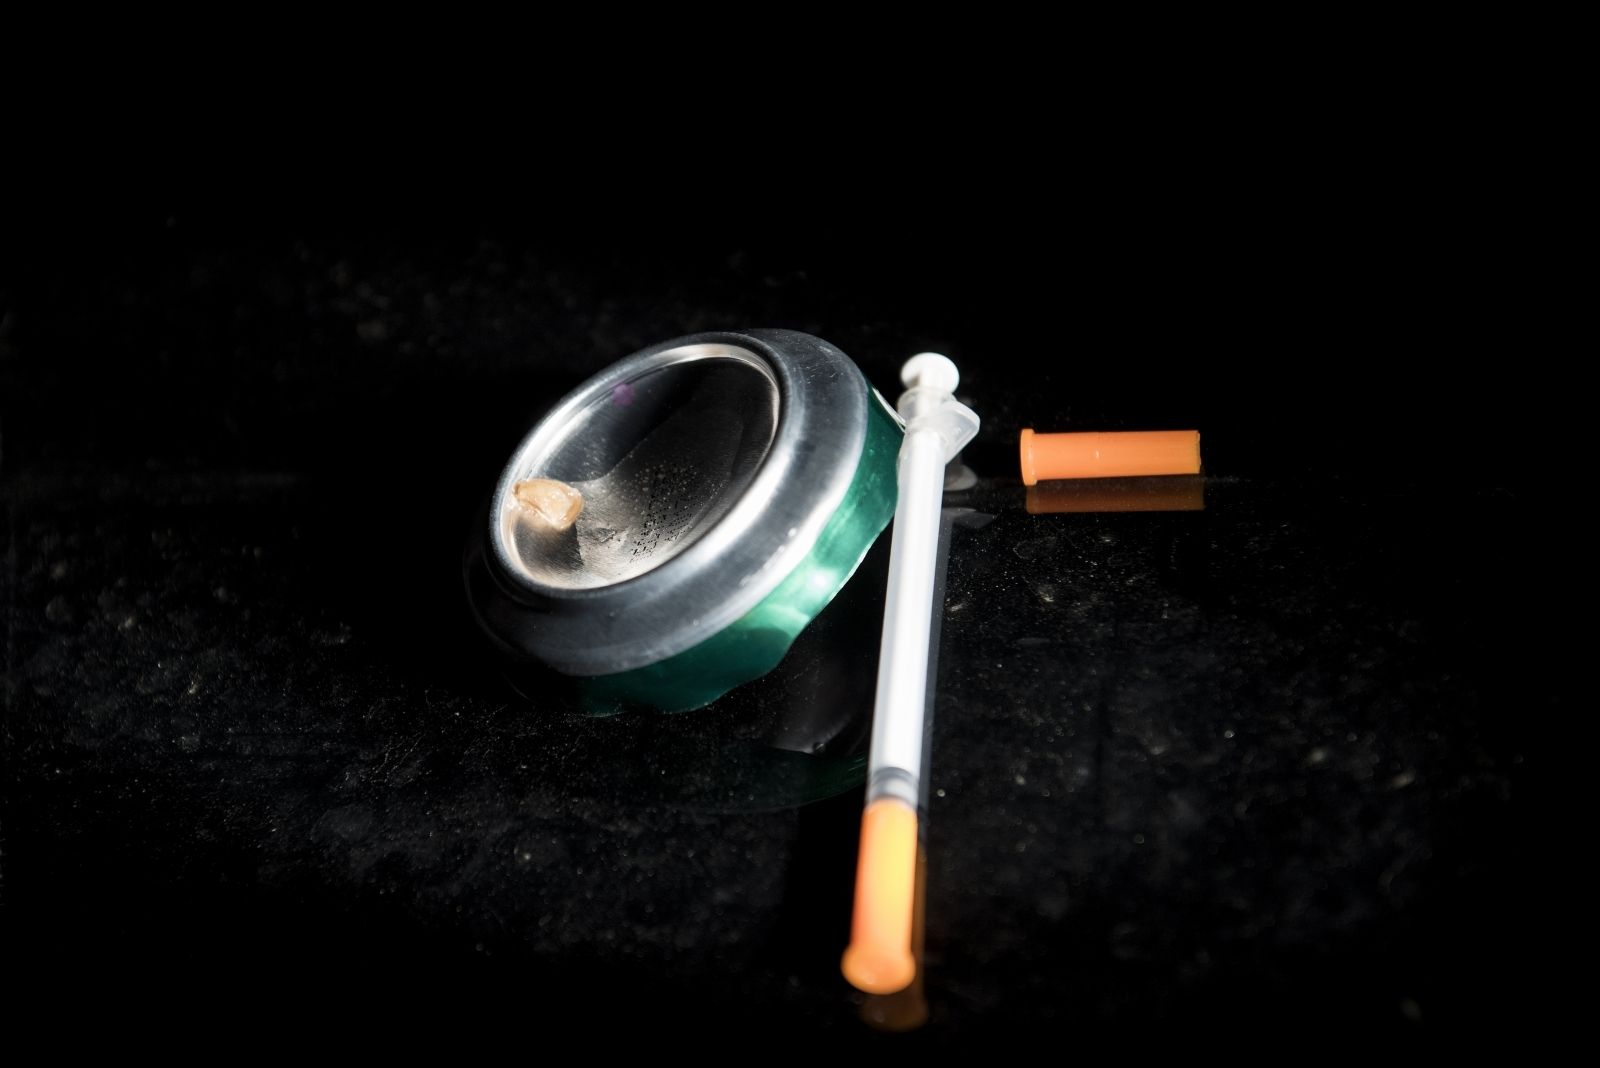 Fentanyl heroin opioids